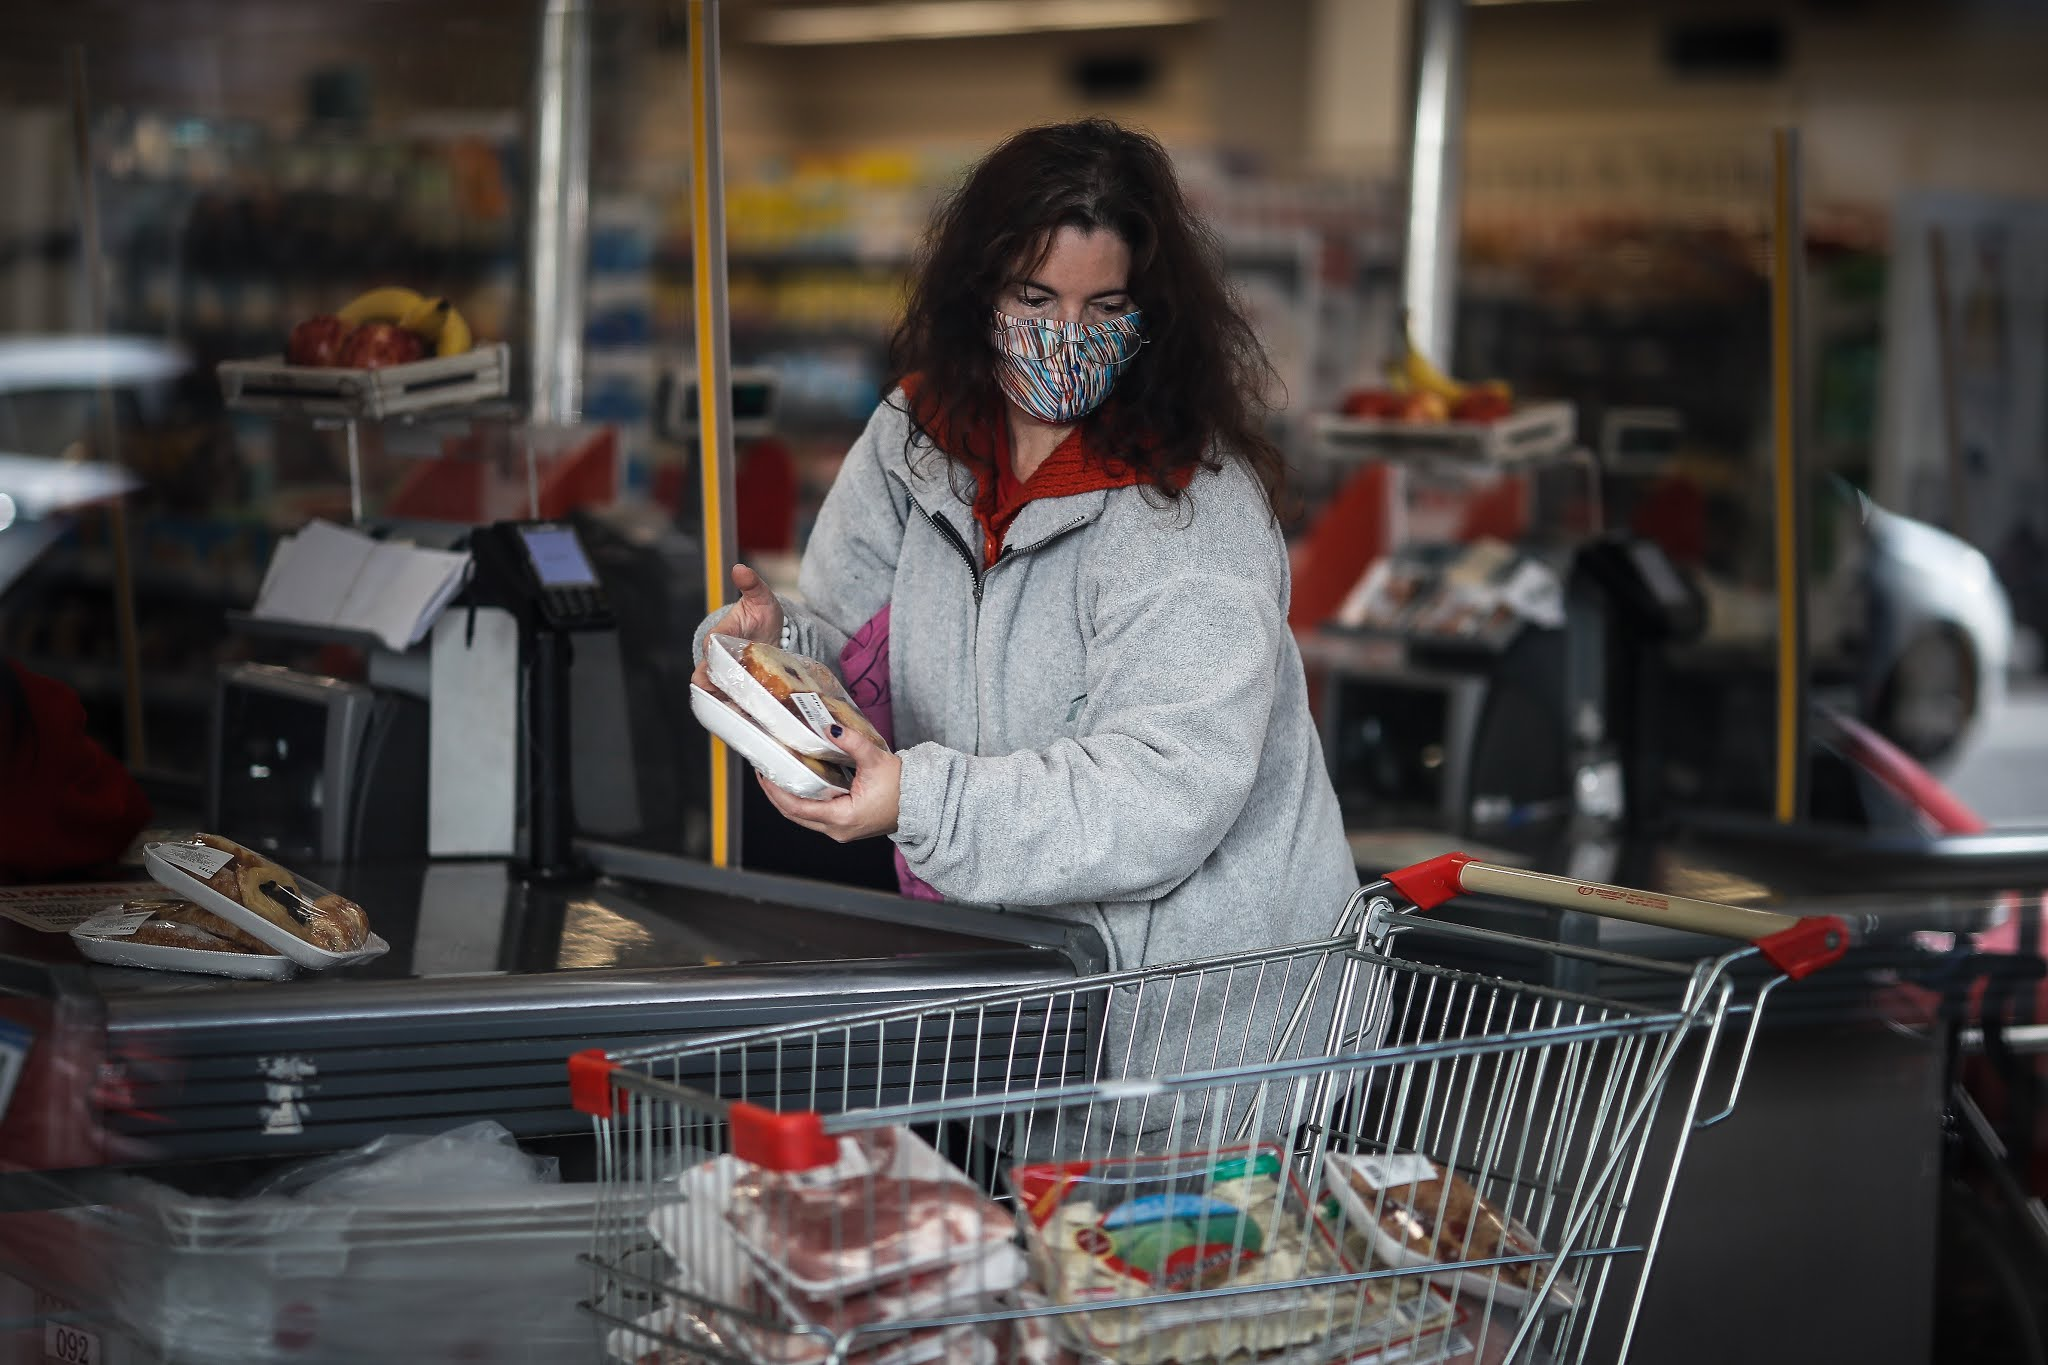 La inflación de noviembre fue de 3,2% y acumula 35,8% en los últimos doce meses